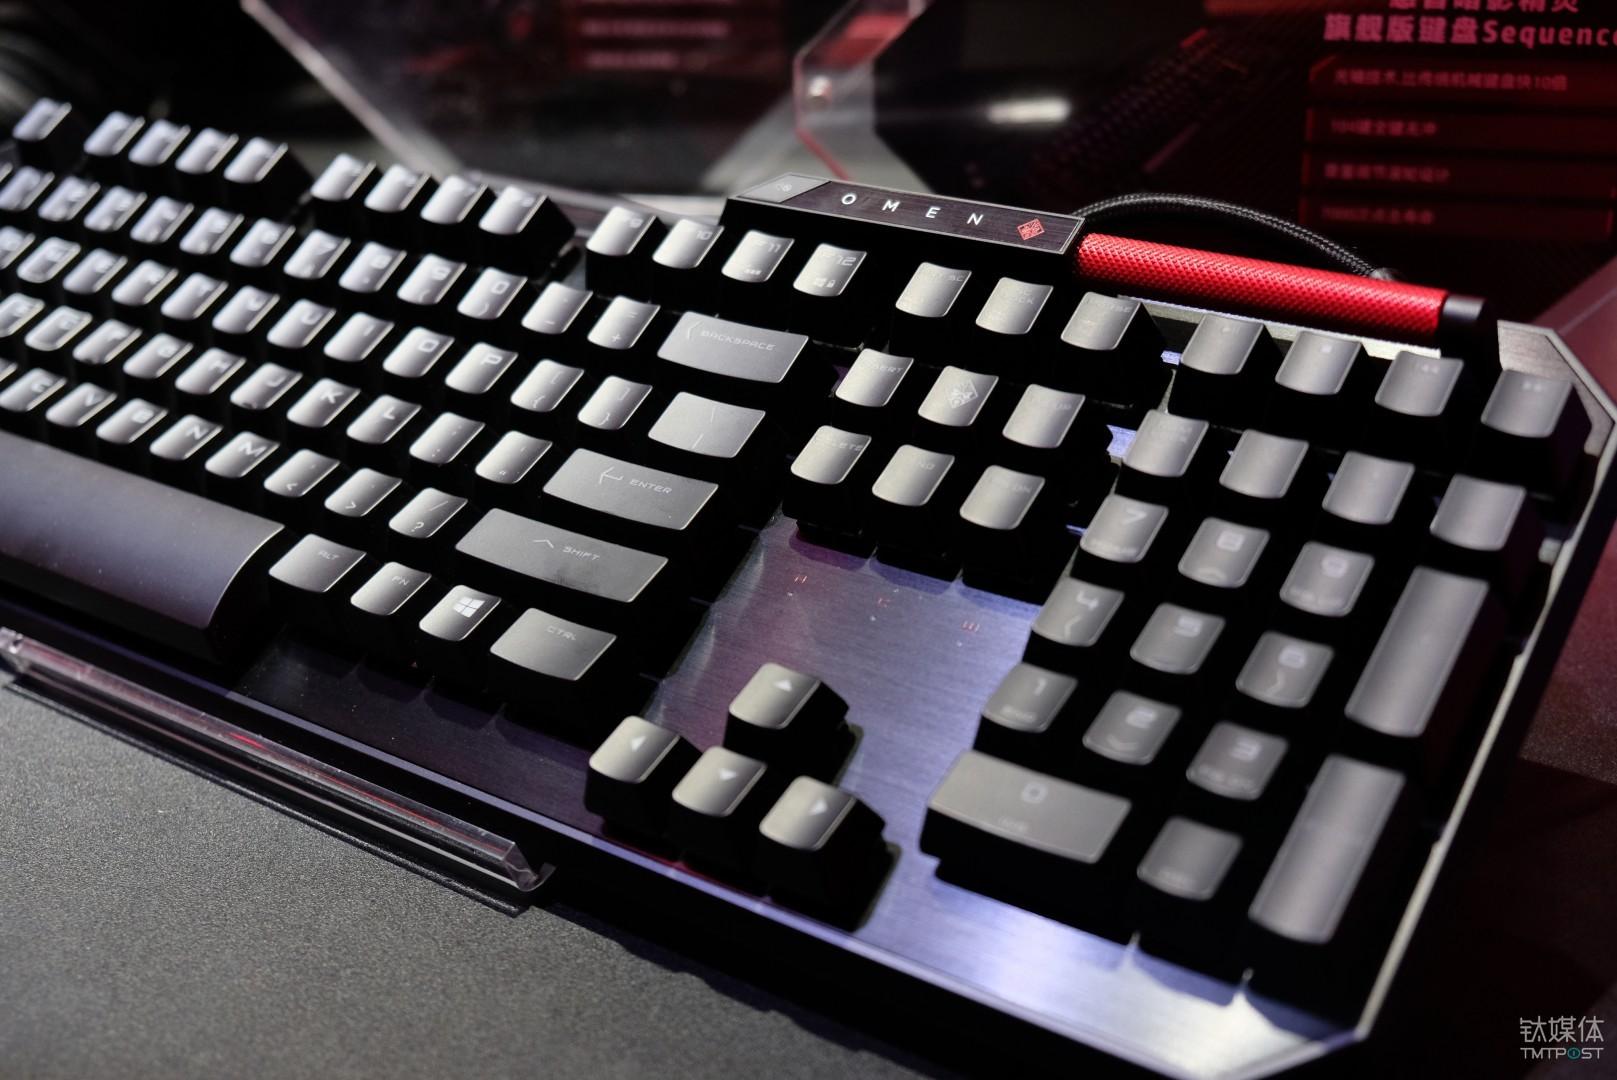 光轴键盘-暗影精灵 Sequencer